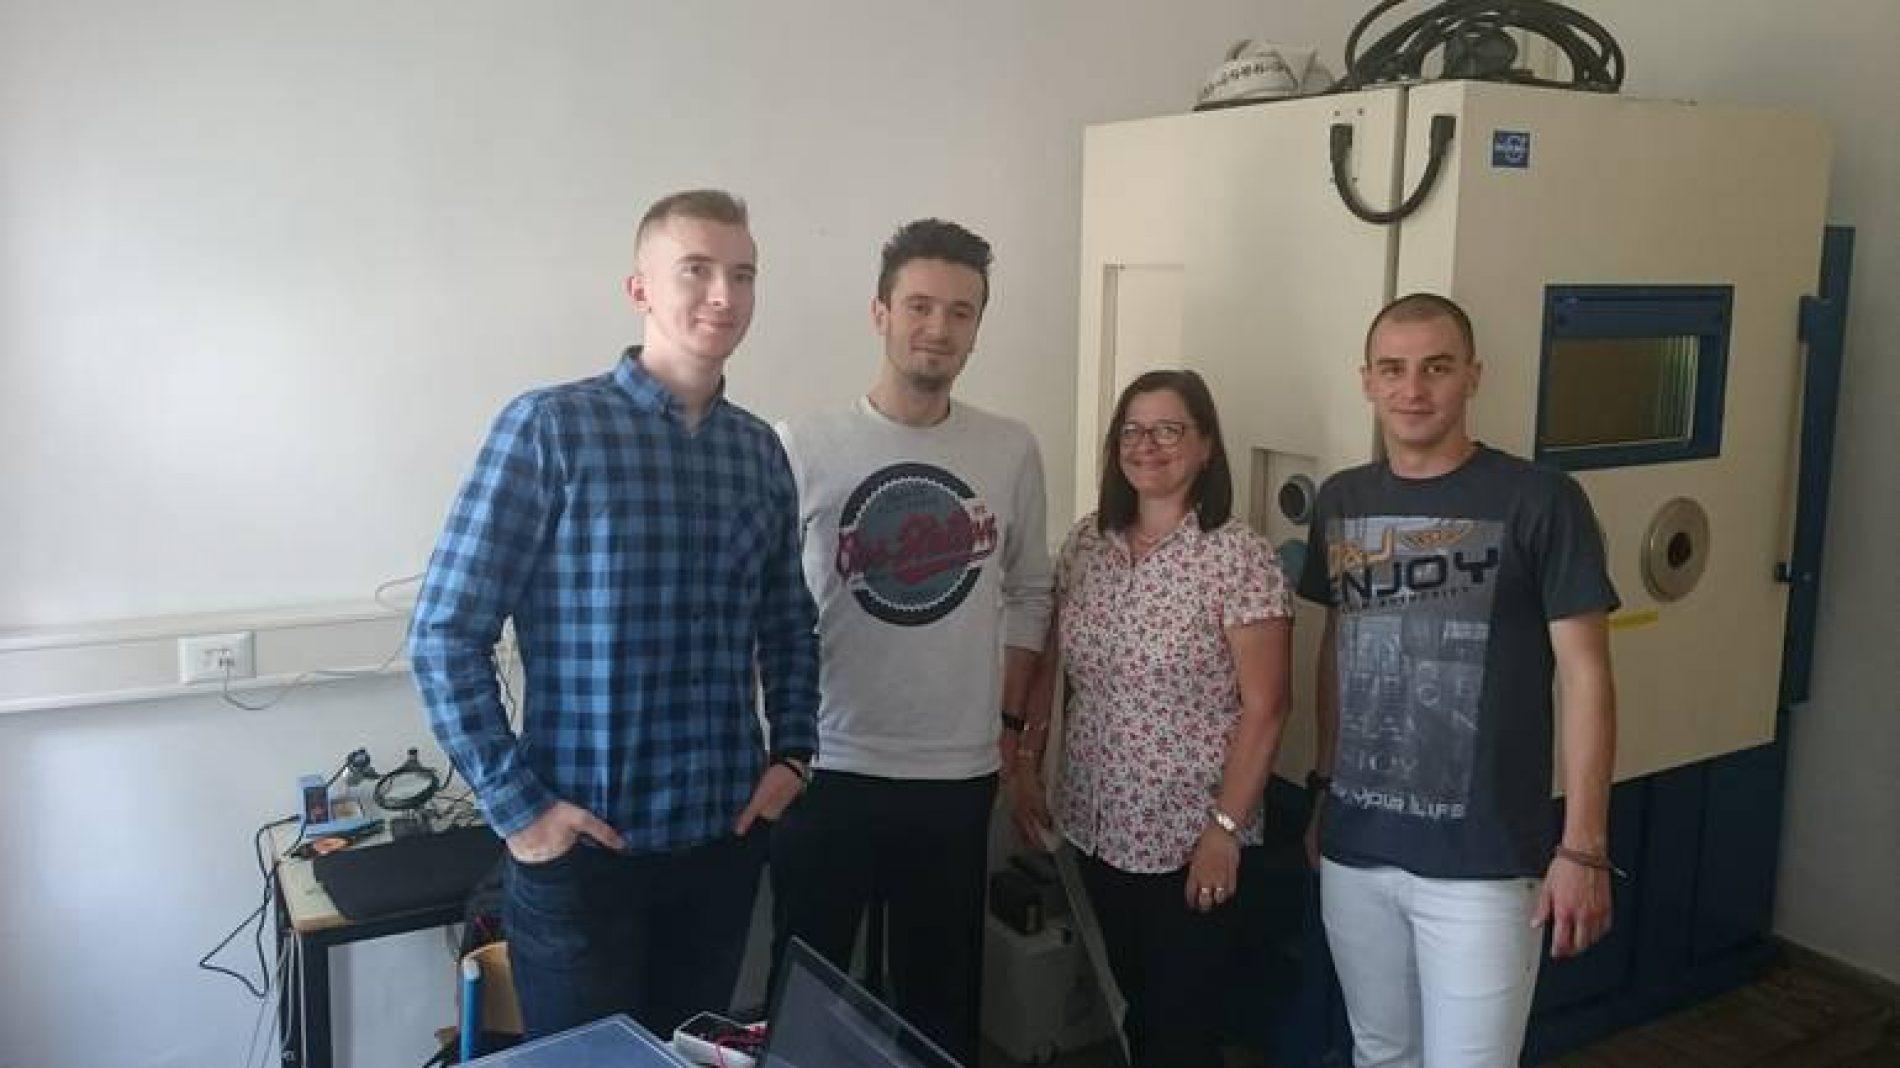 Sarajevski studenti izumili uređaj koji 'čuje' prostor: Plan je da se milionima ljudi omogući da se slobodno kreću